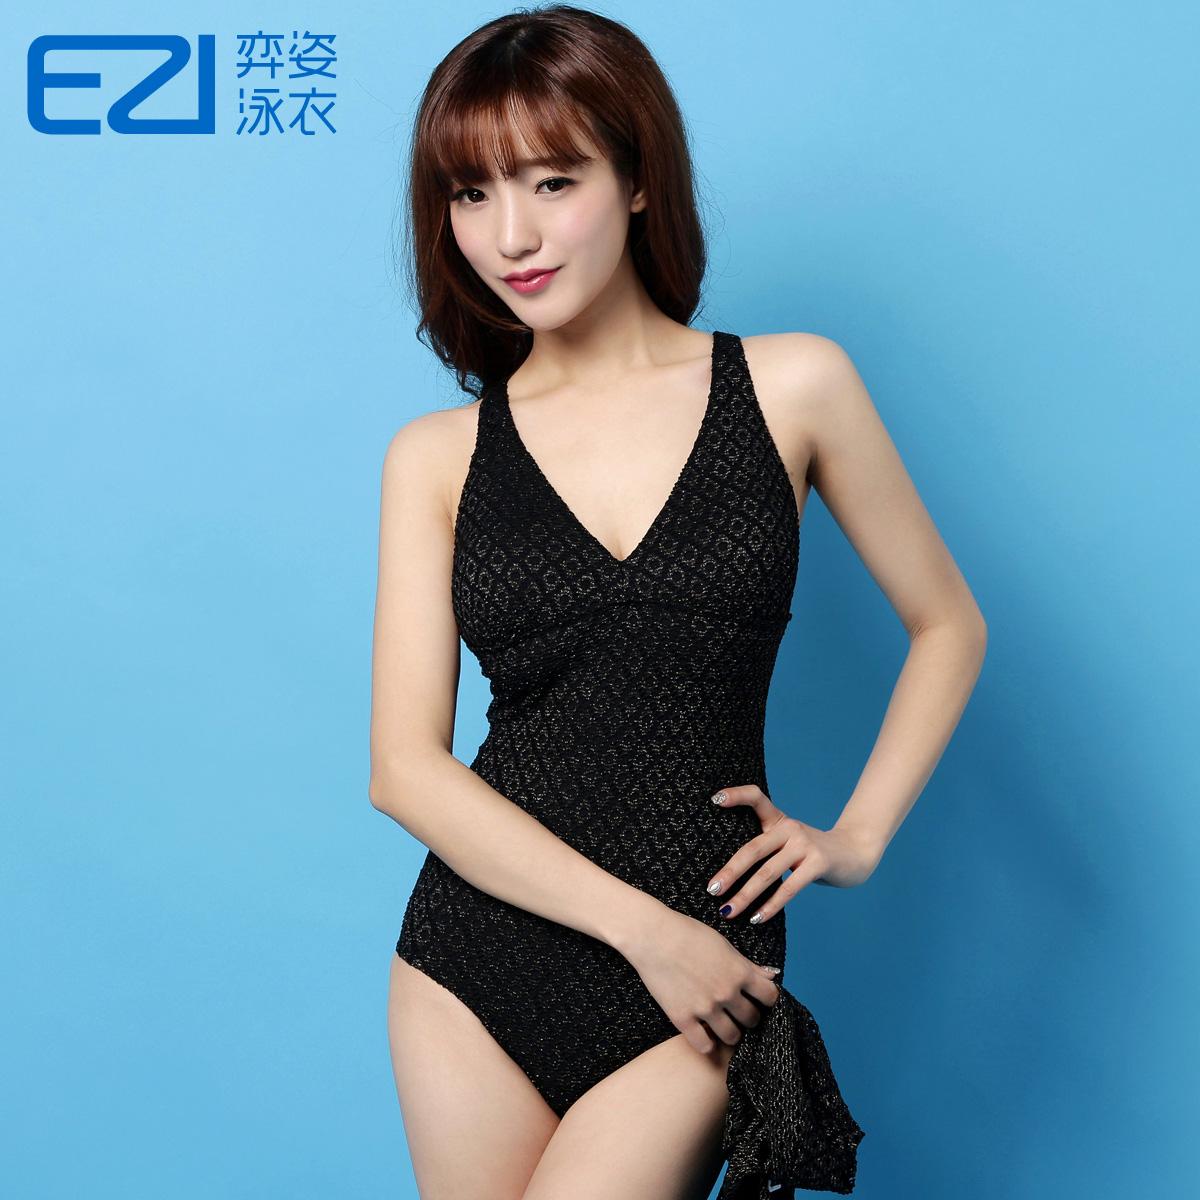 купальник Yi Zi ezi1100 EZI 1100